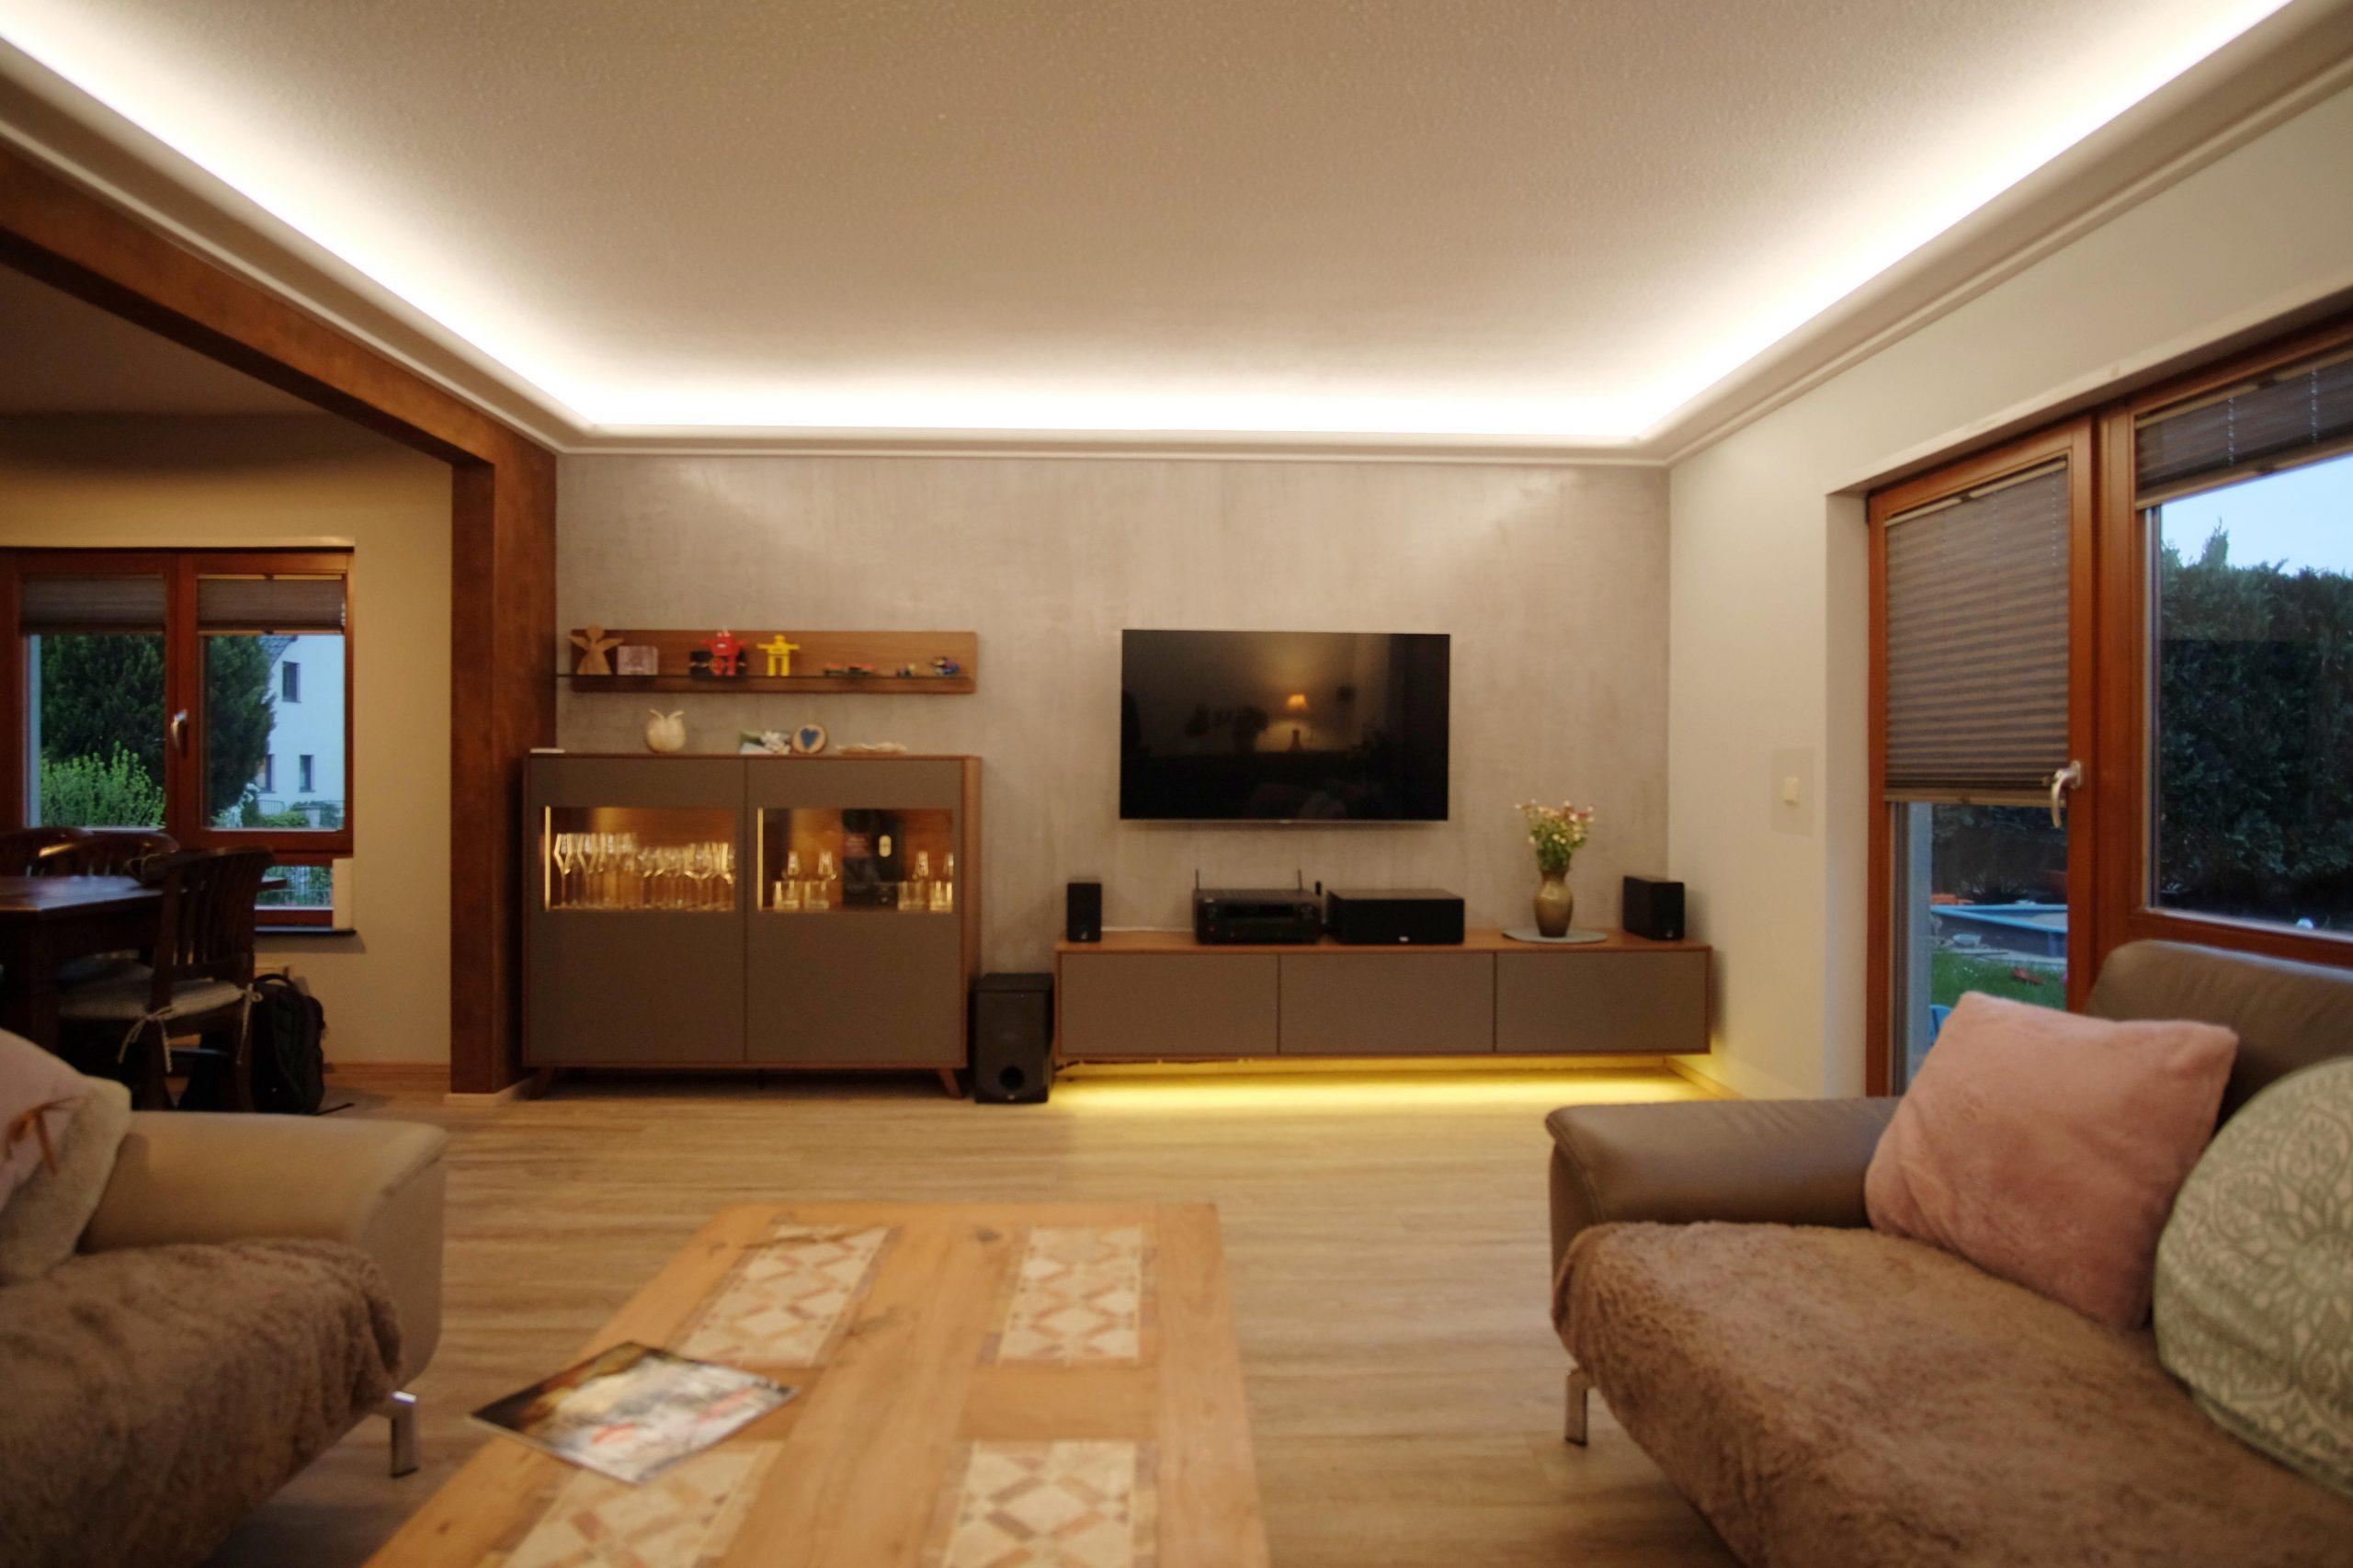 Full Size of Wohnzimmer Lampen Indirekte Beleuchtung Indirekte Beleuchtung Wohnzimmer Diy Indirekte Beleuchtung Wohnzimmer Led Indirekte Beleuchtung Im Wohnzimmer Wohnzimmer Indirekte Beleuchtung Wohnzimmer